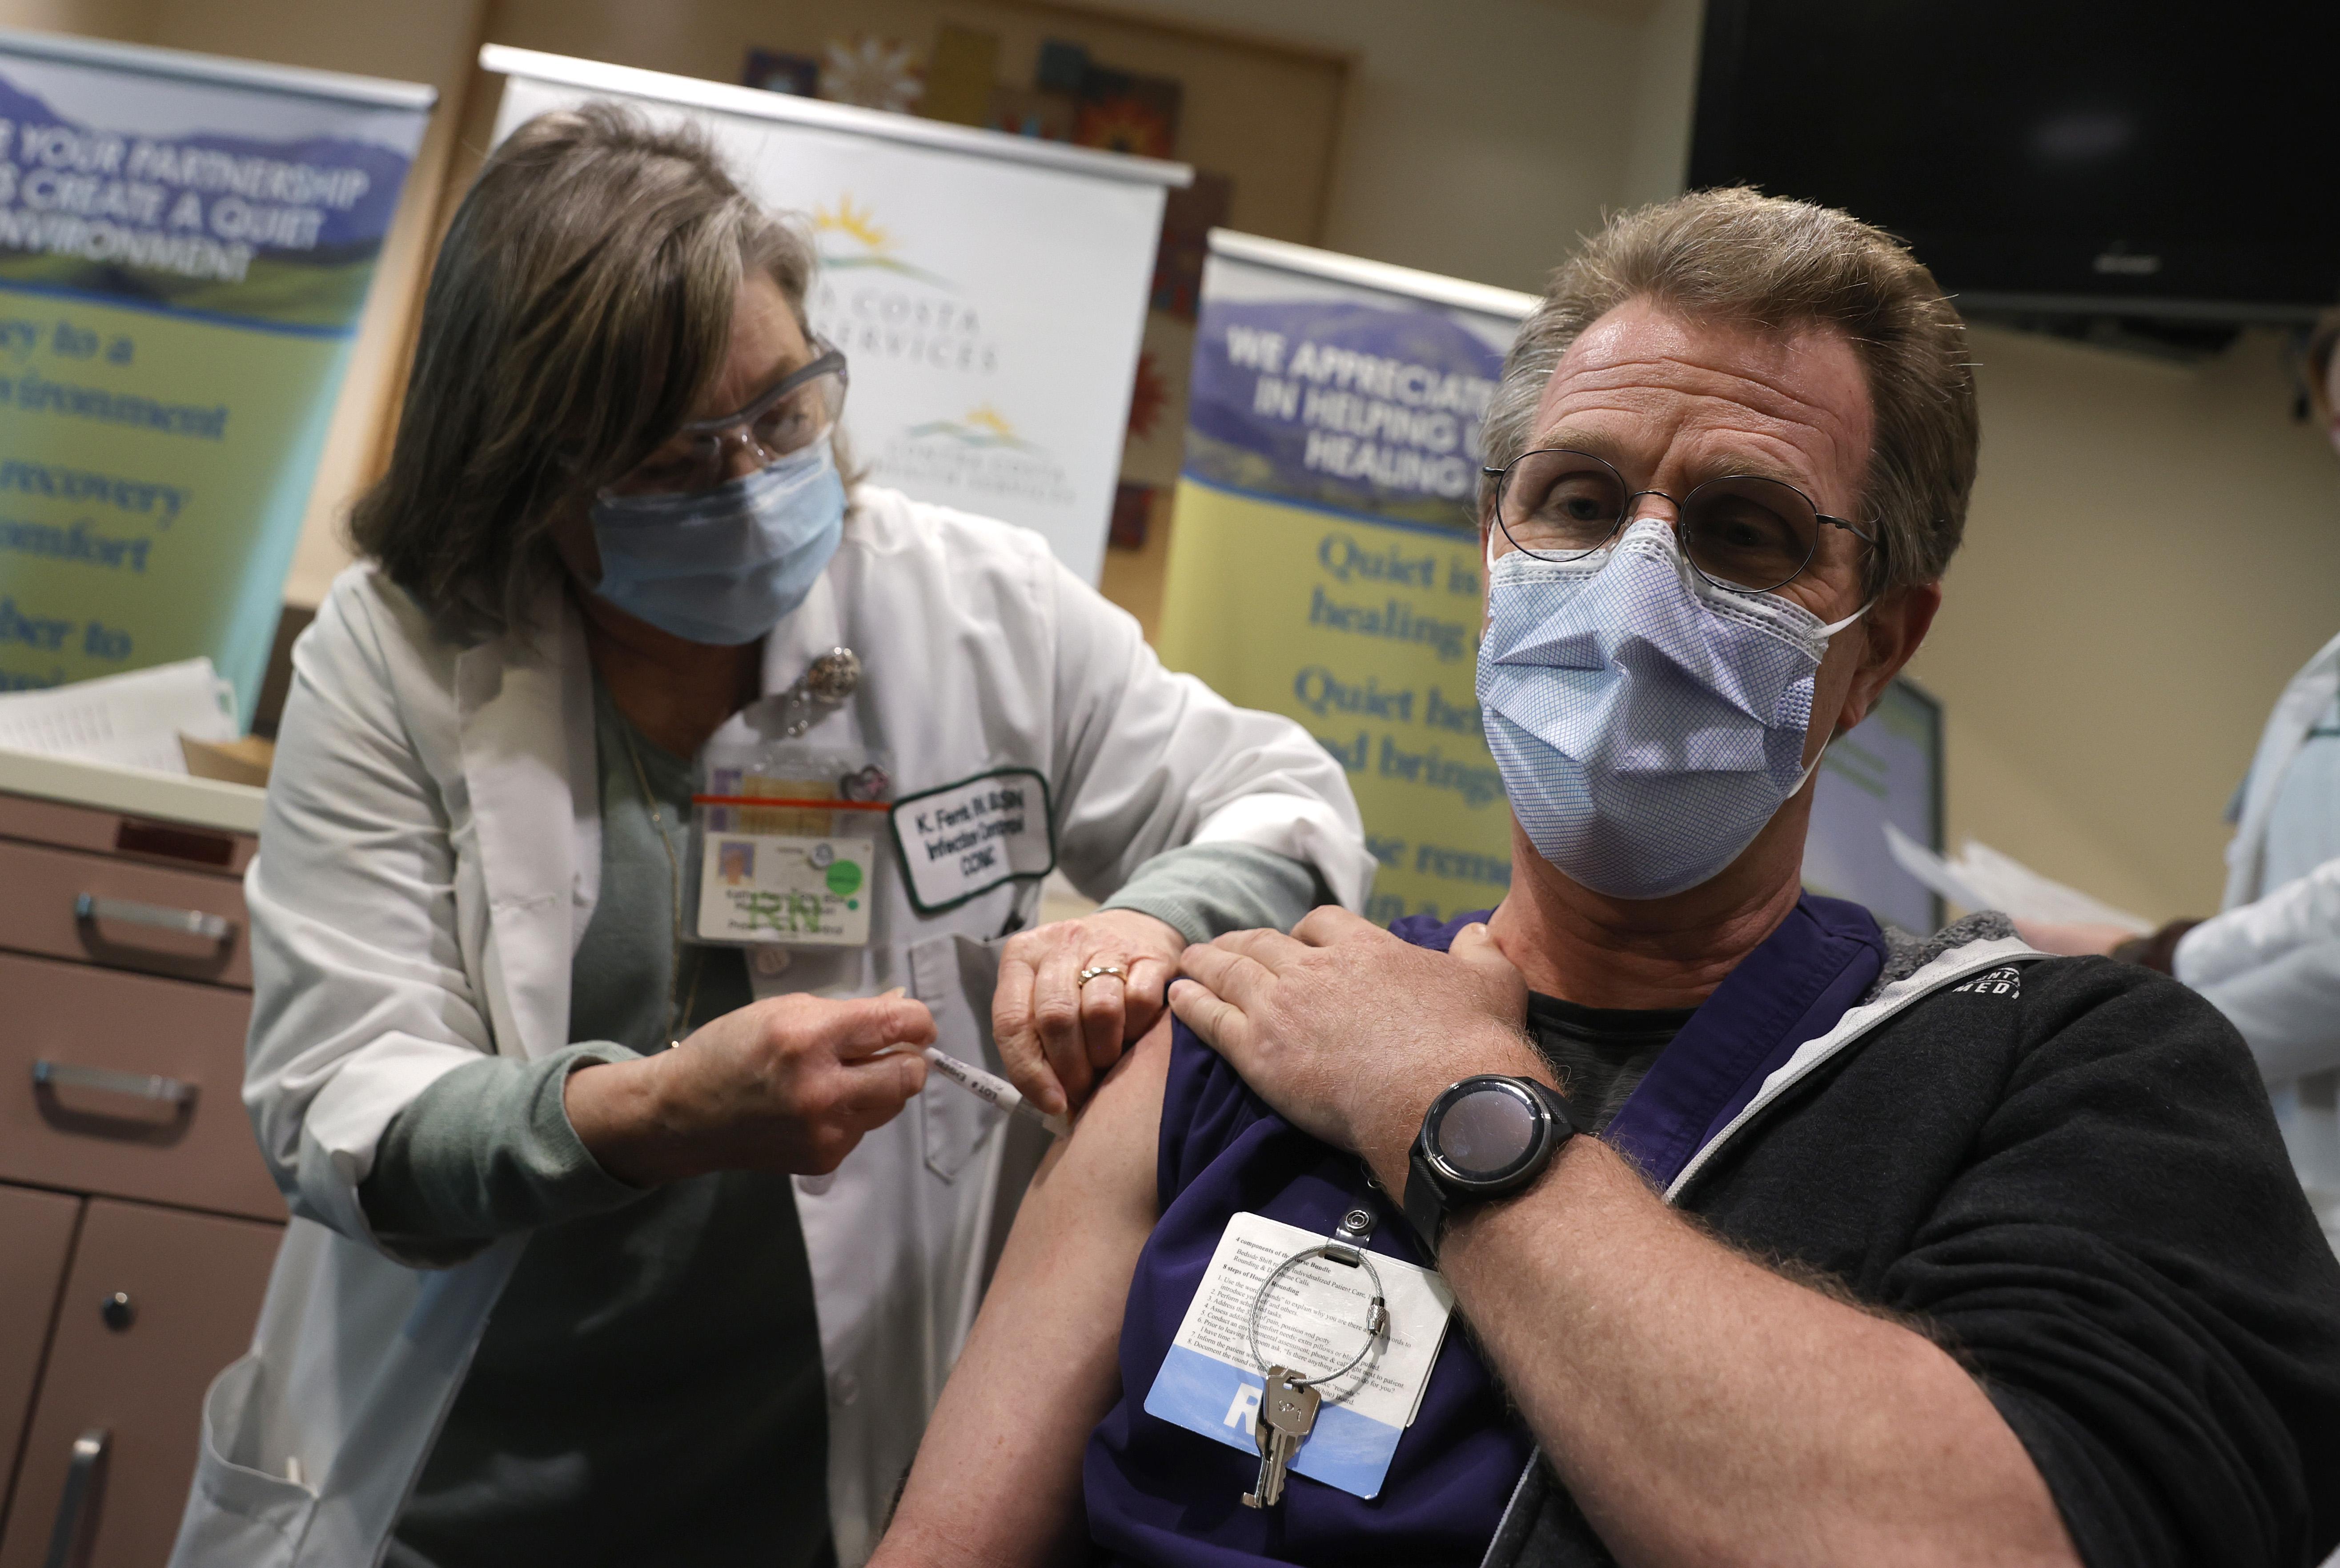 加州公务员与医护将须打疫苗 或定期检测